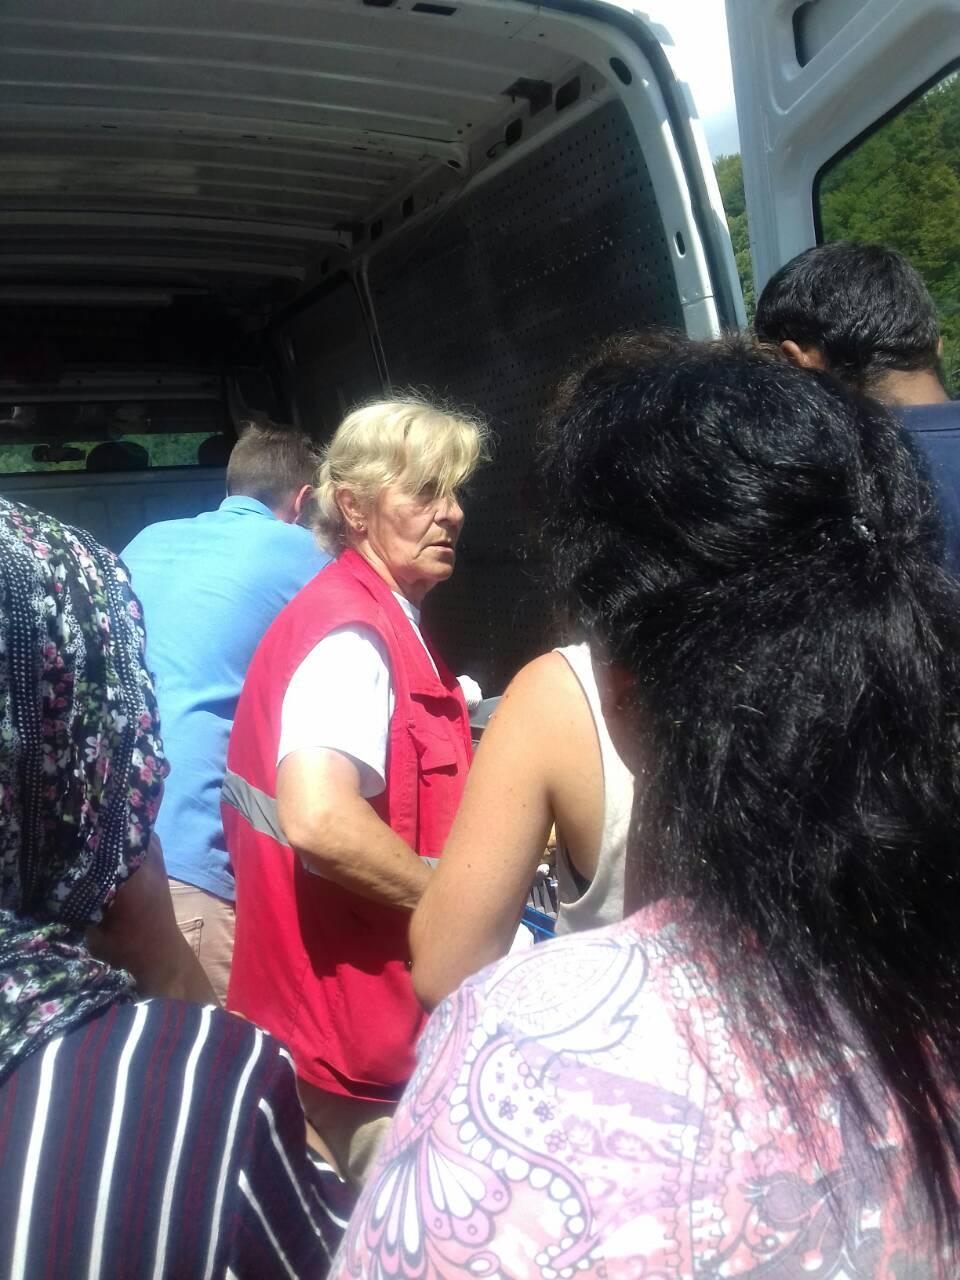 Migranstki kamp u Velikoj Kladuši